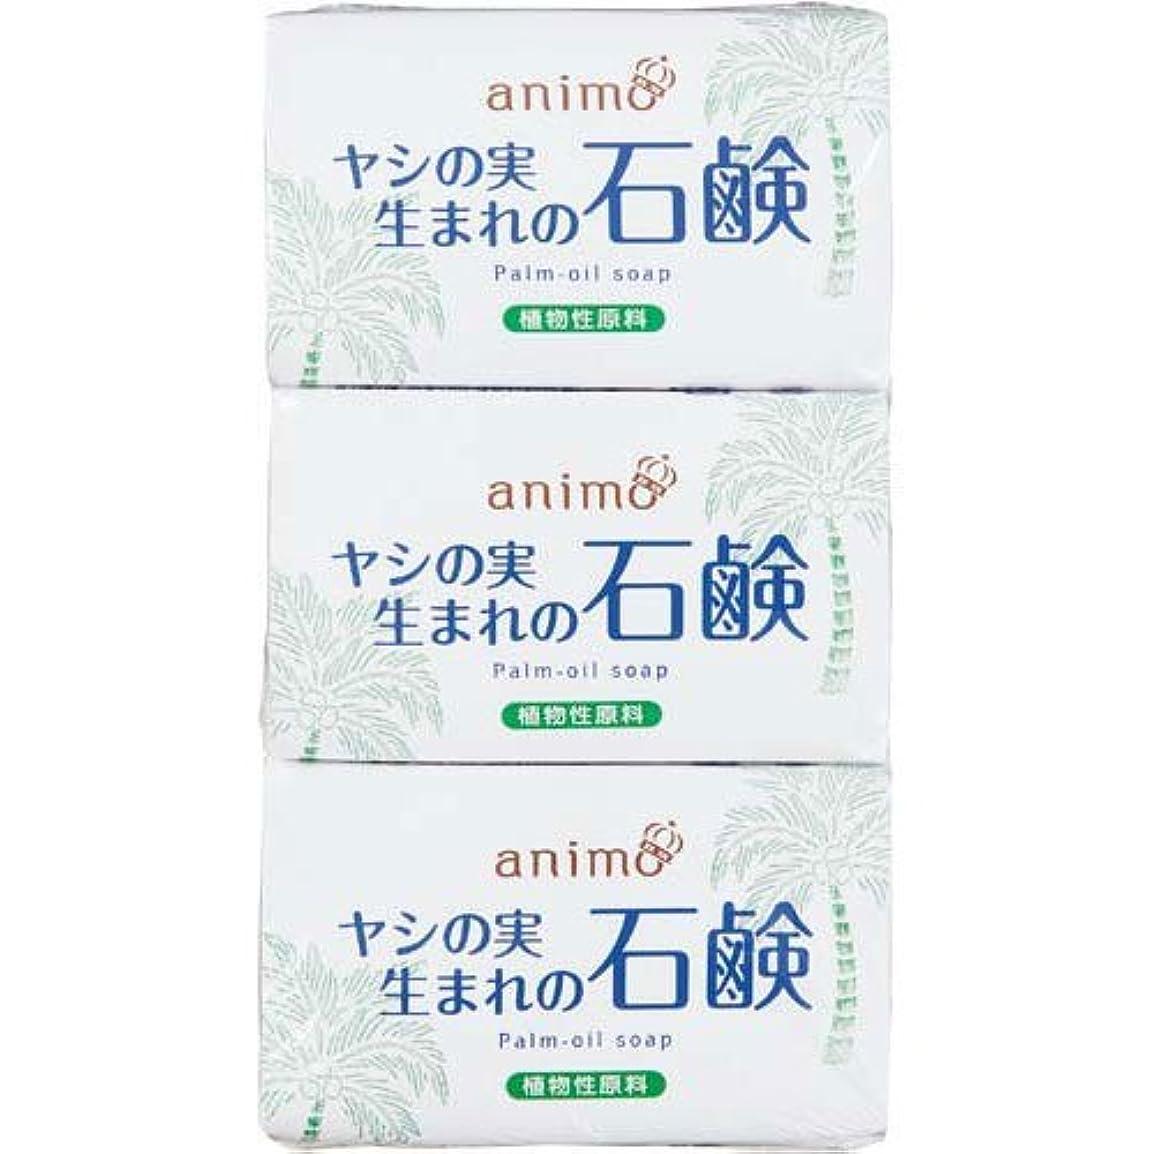 付き添い人十二葡萄ロケット石鹸 ヤシの実石鹸 80g×3個×10パック